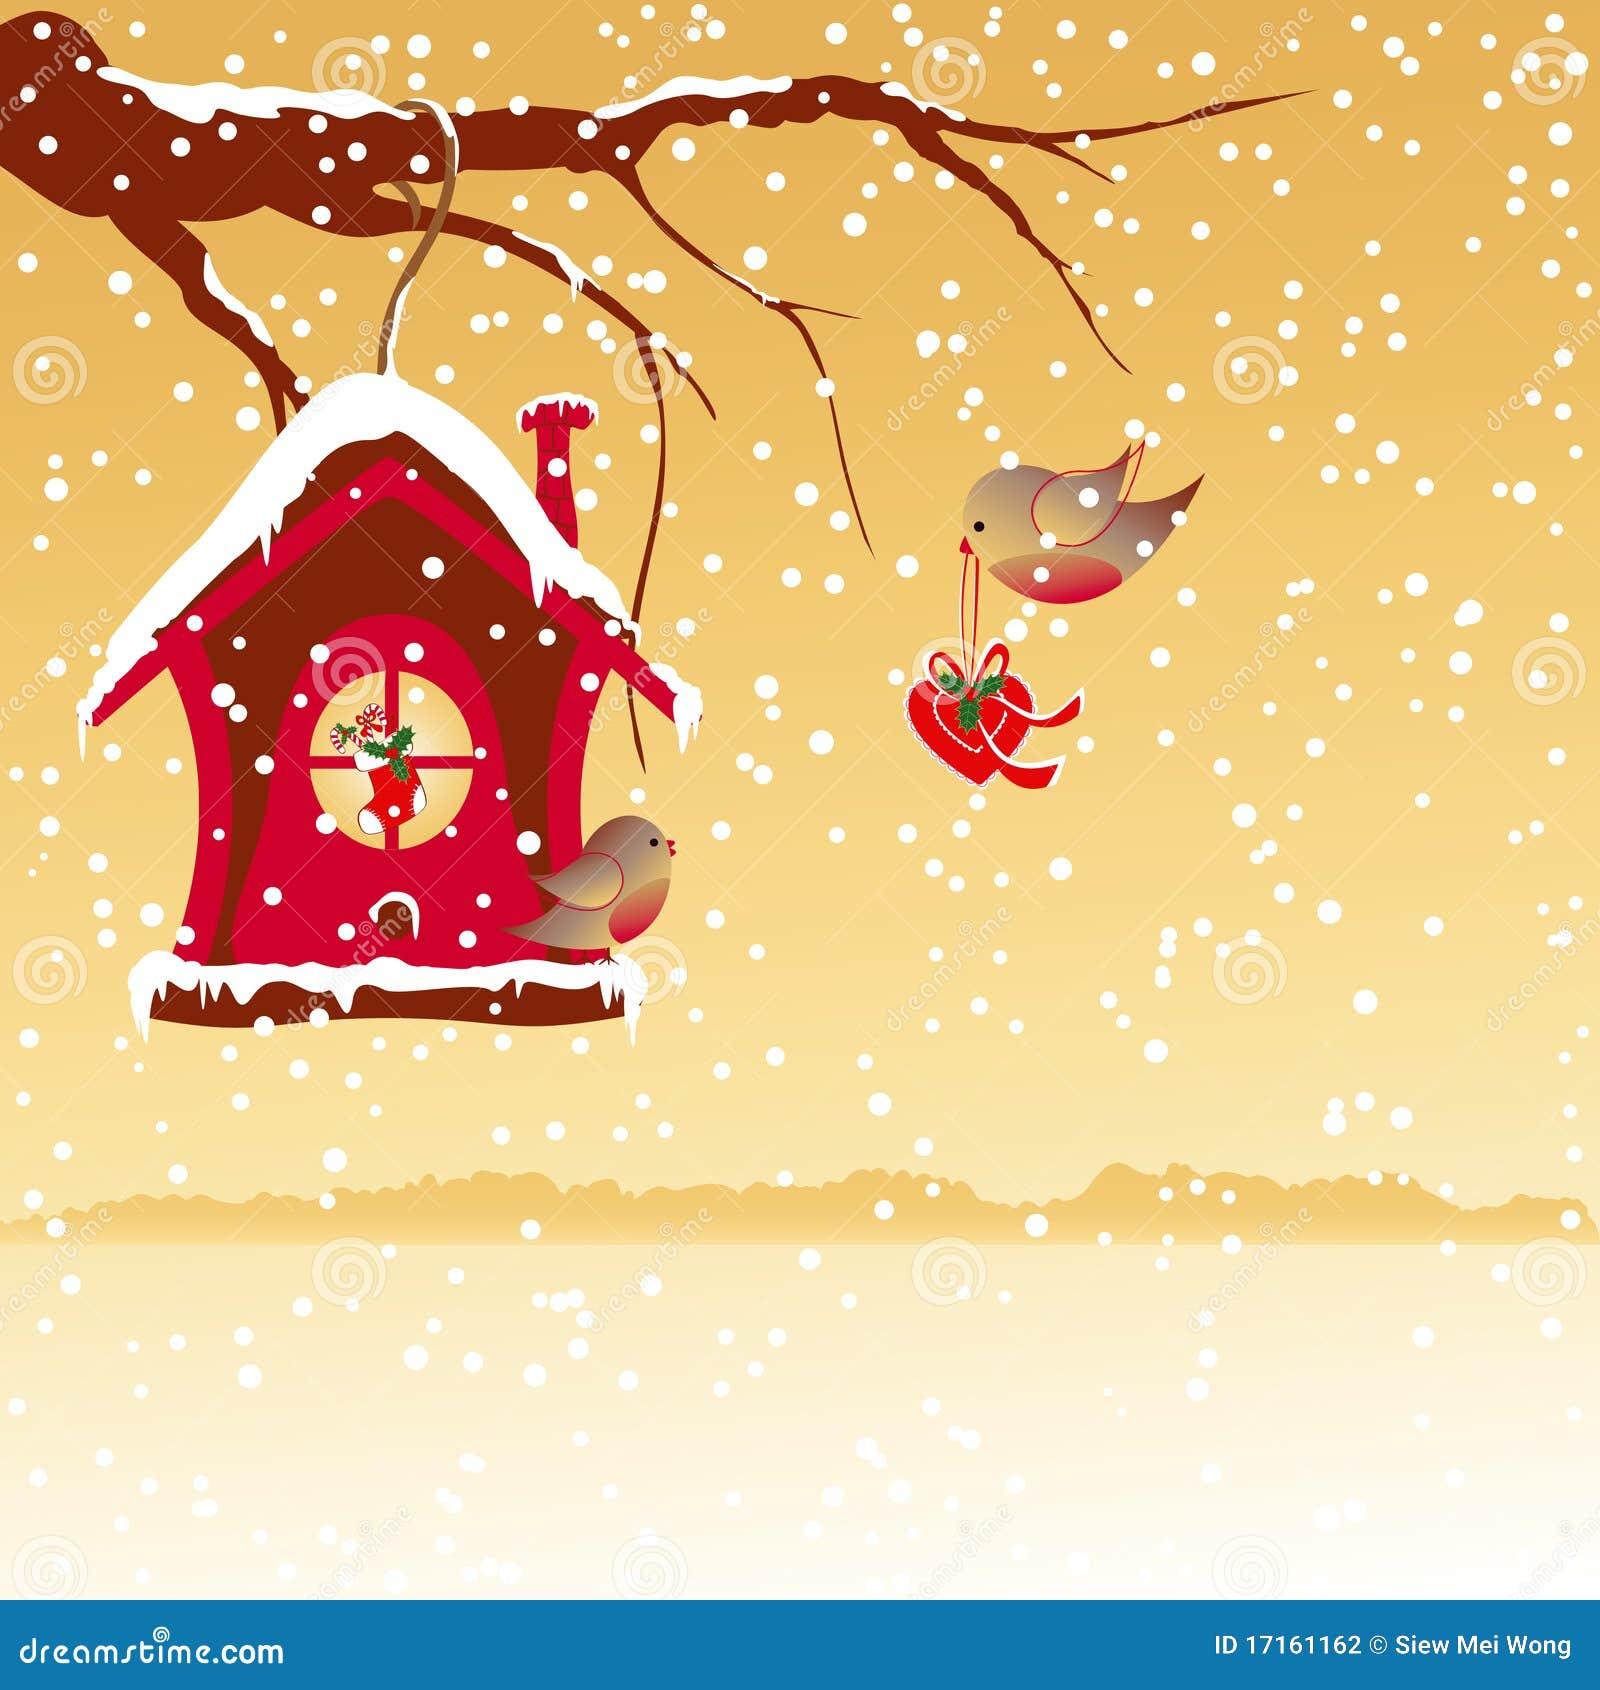 christmas greeting robin bird wallpaper stock vector - illustration